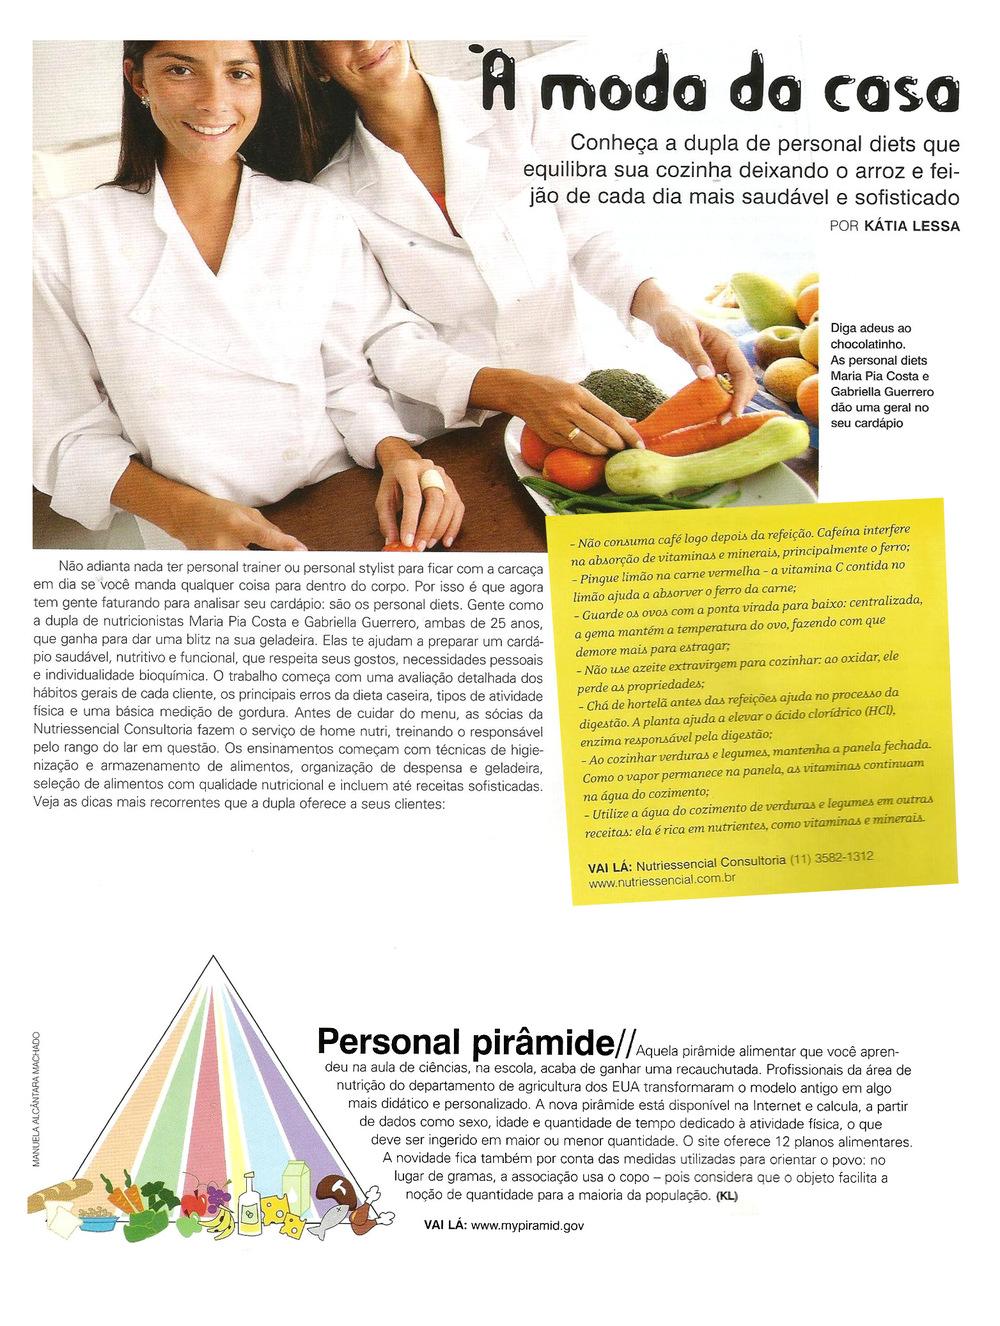 materia-revista-trip-voce-e-o-que-voce-come-maria-pia-pure-food-01.jpg